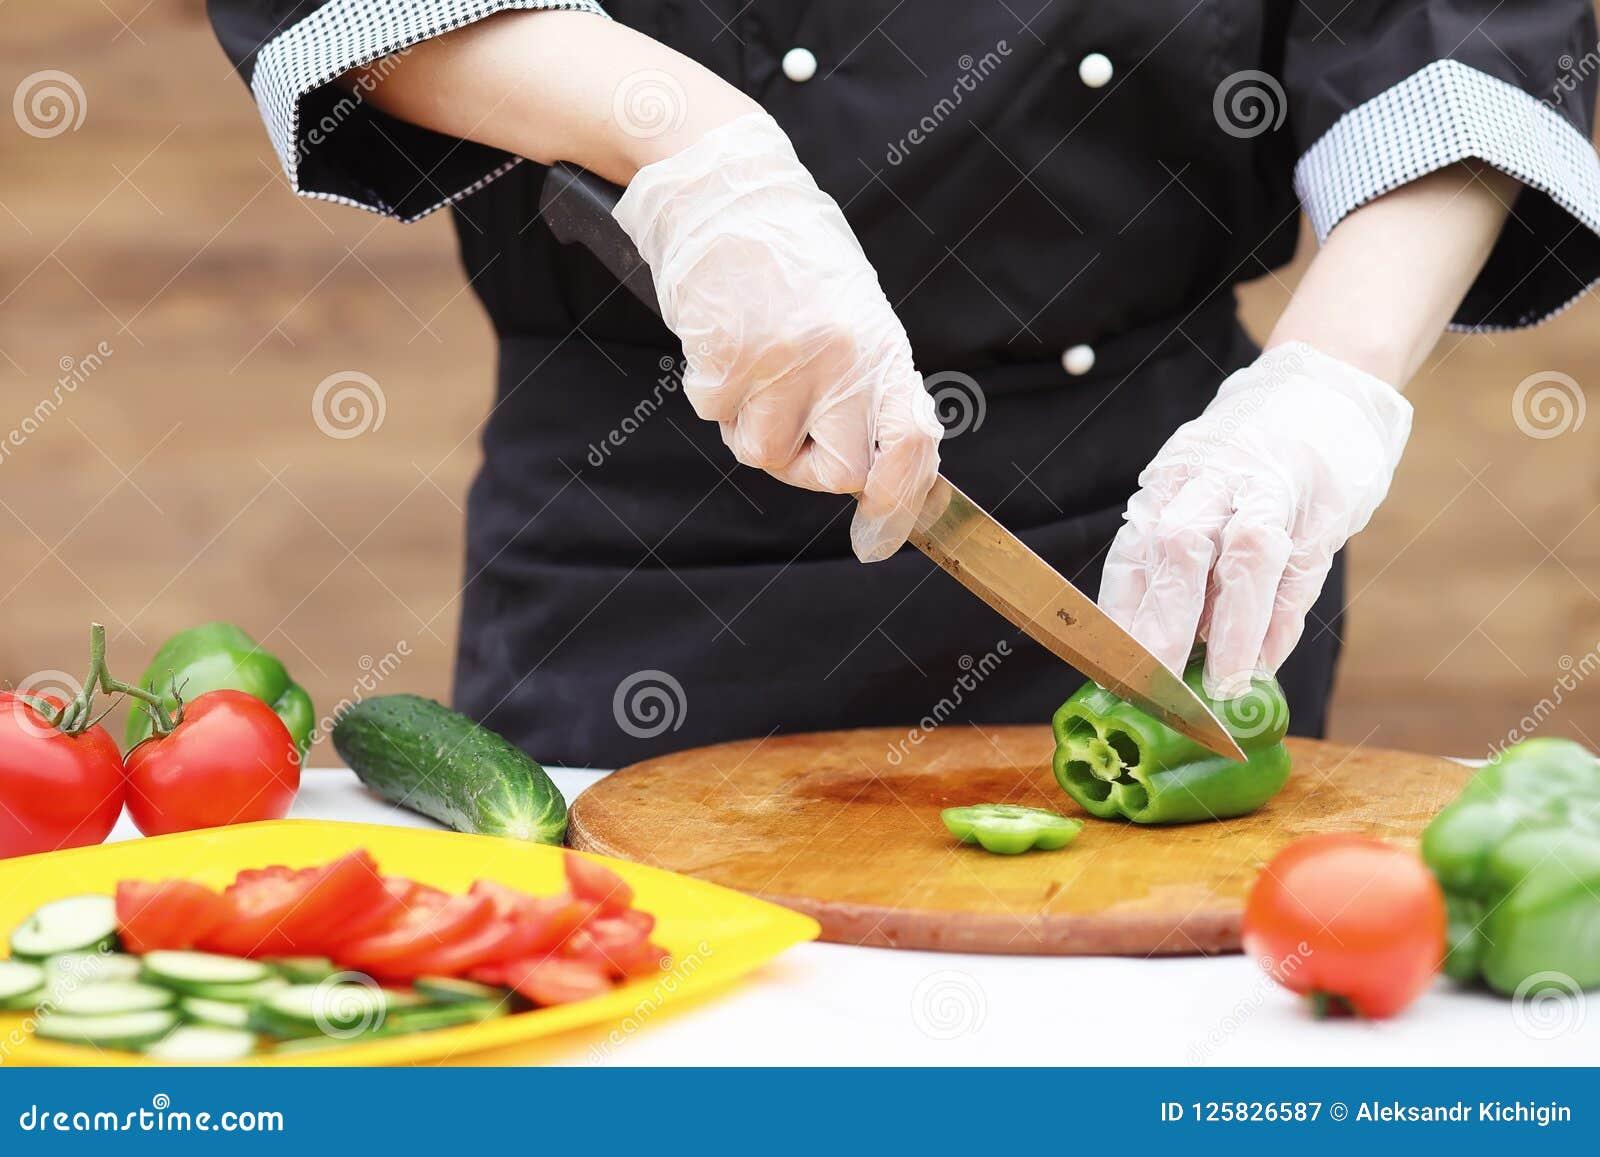 Kocken klipper nya lantgårdgrönsaker